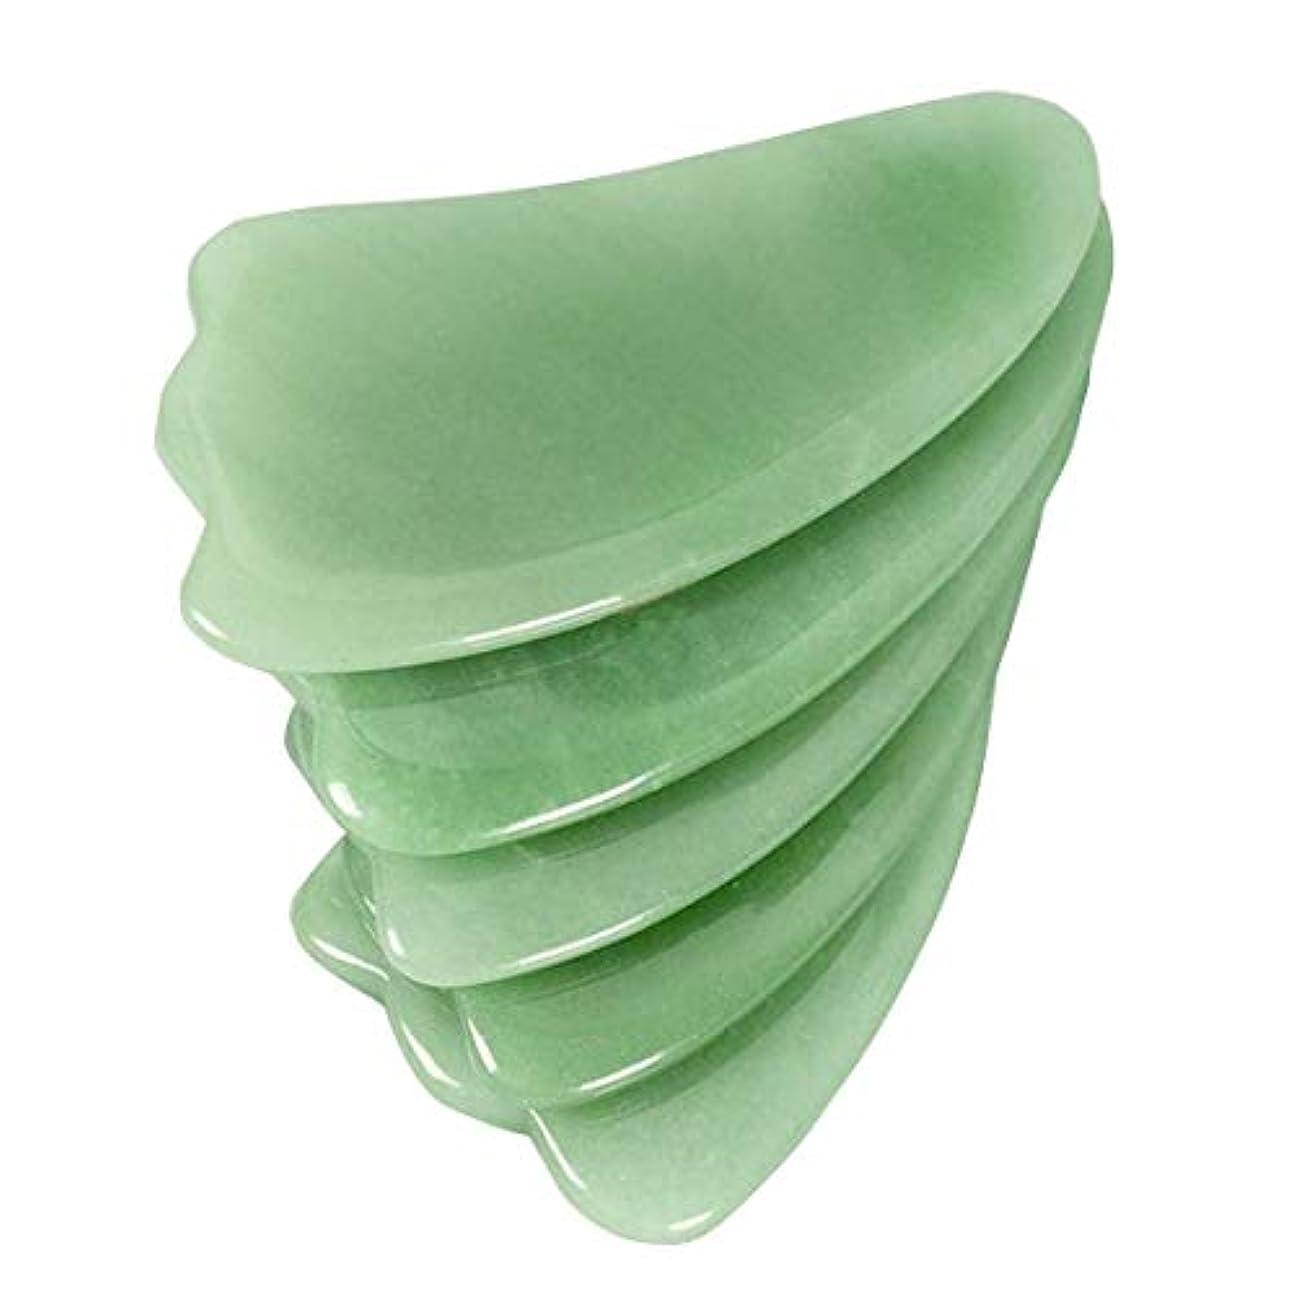 噛む抵当夕食を作る天然緑アベンチュリン かっさプレート カッサリフトプレート カッサボード カッサマッサージ道具